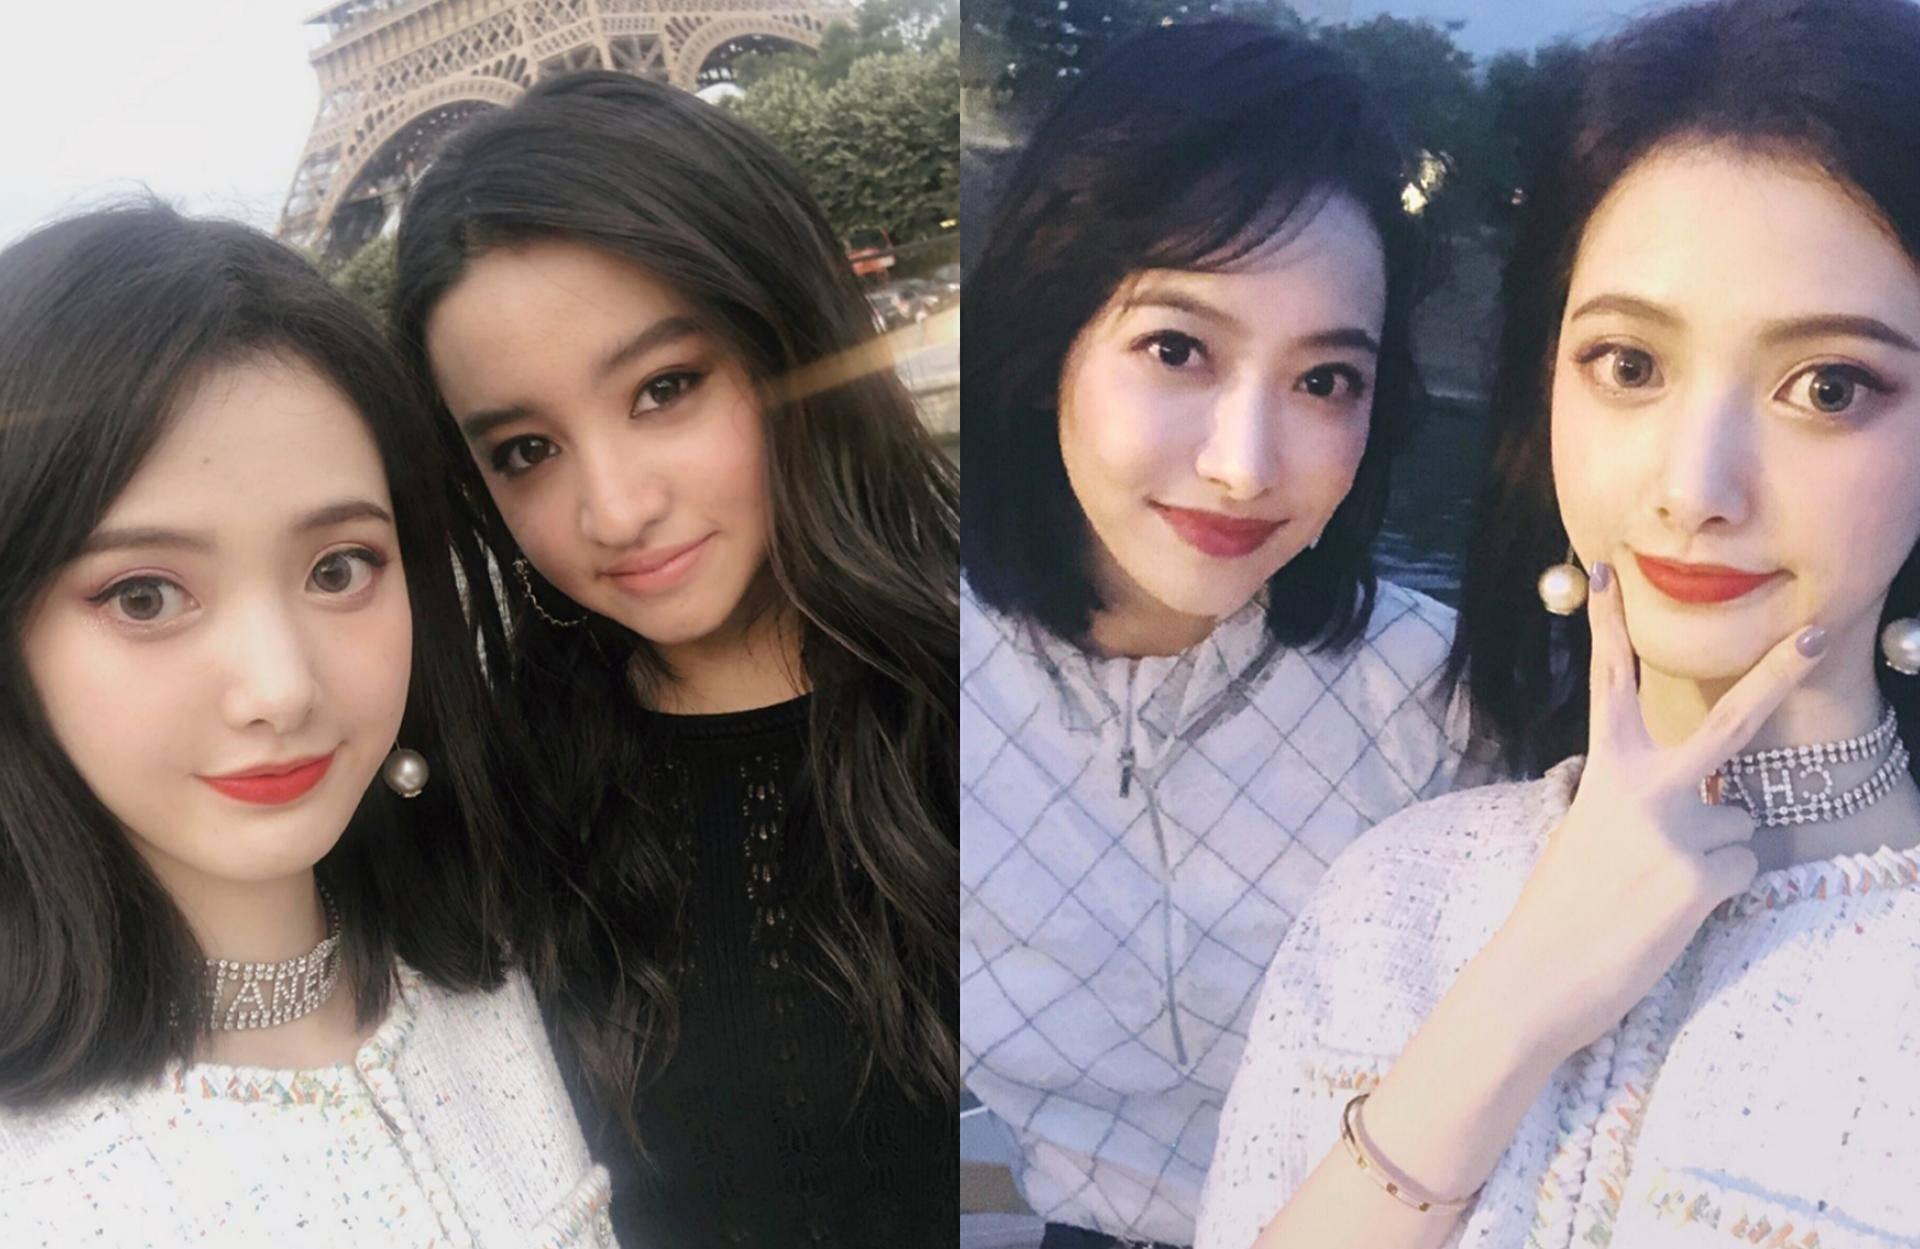 宋茜木村光希合影  两大美女谁更胜一筹?